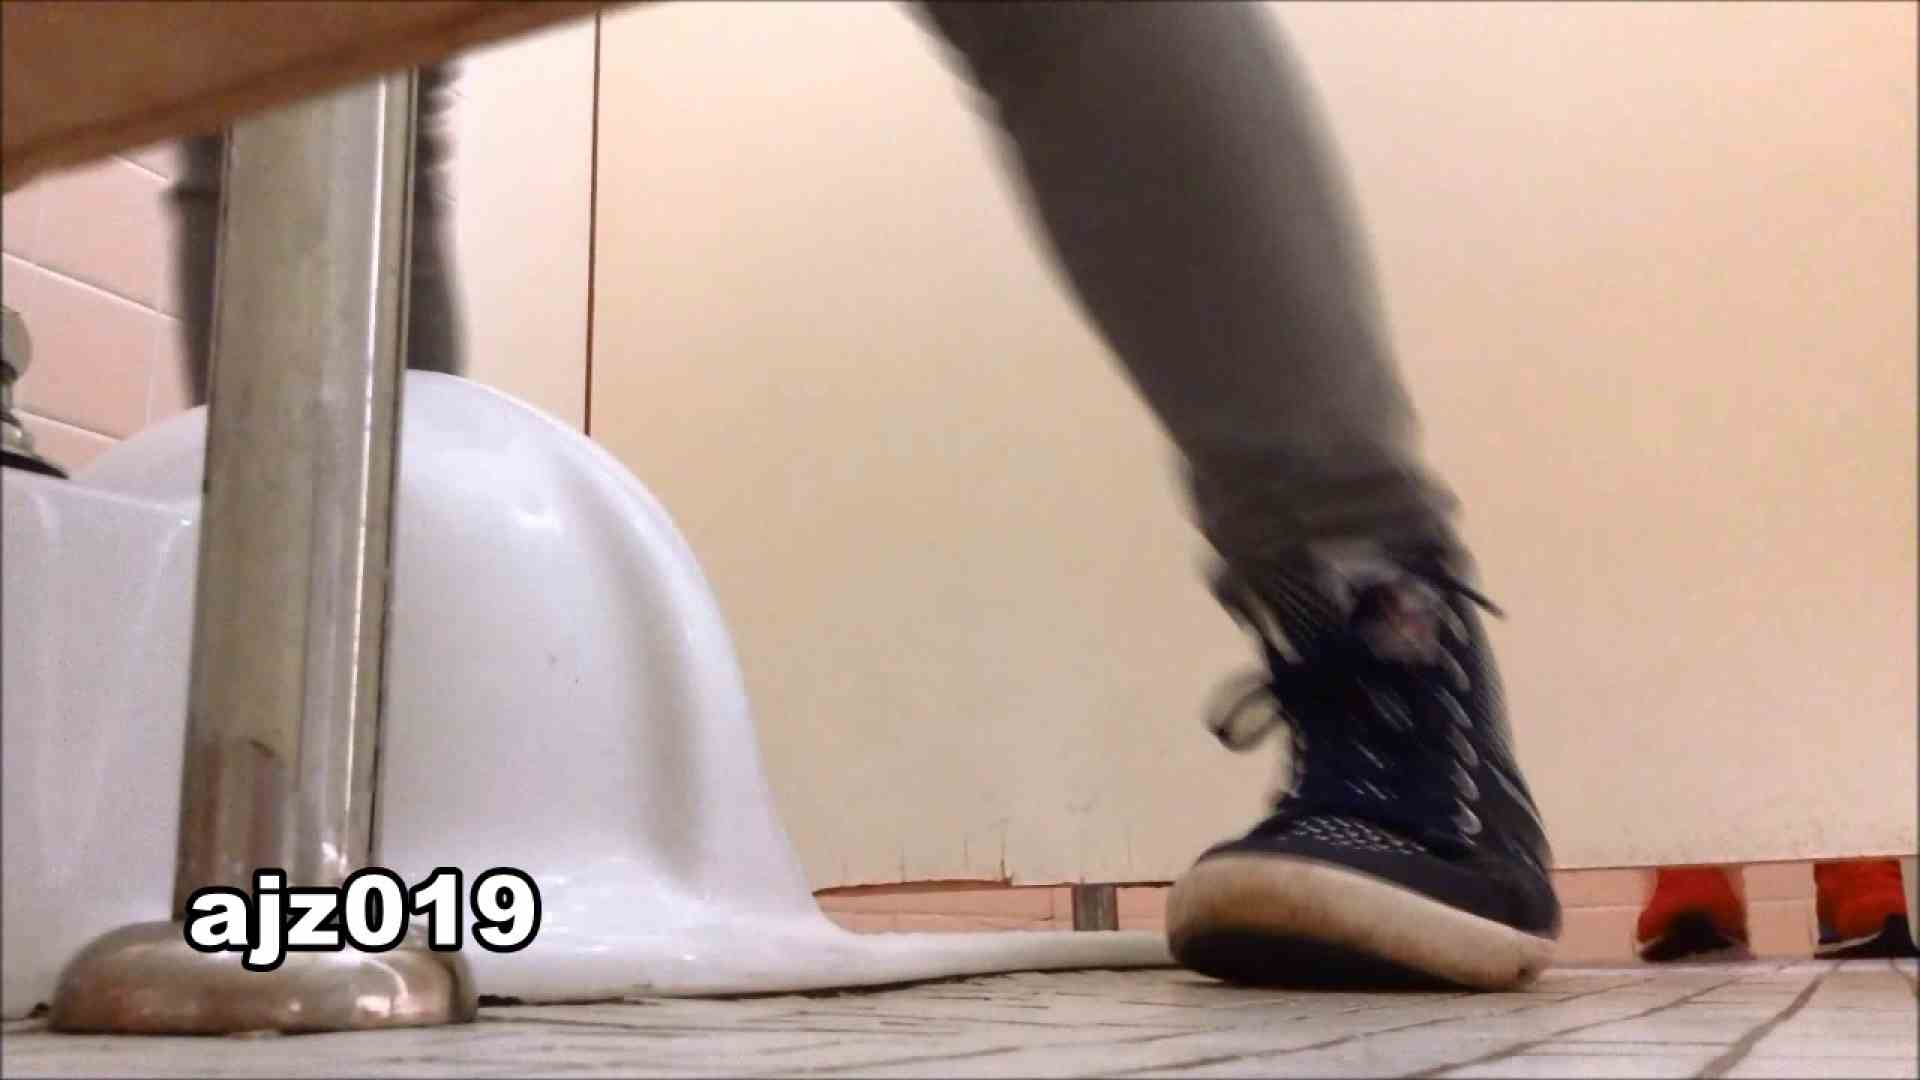 某有名大学女性洗面所 vol.19 潜入 オマンコ無修正動画無料 84pic 28